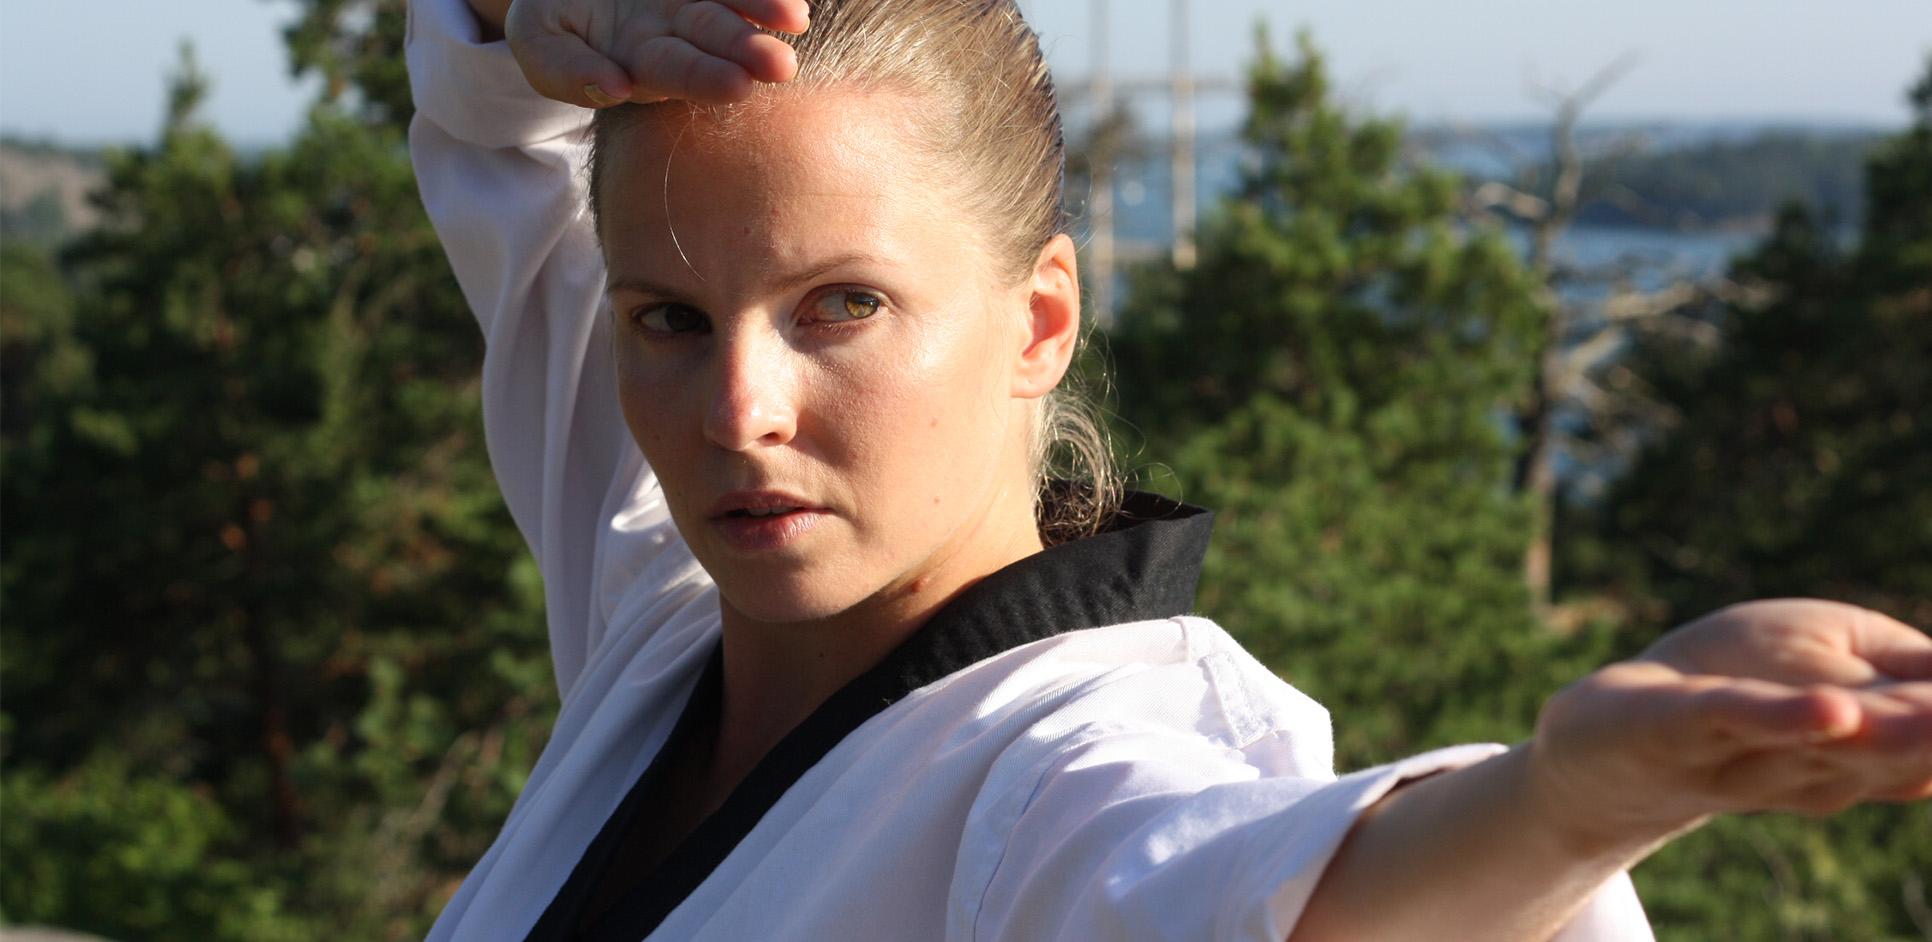 Instruktörer taekwondo